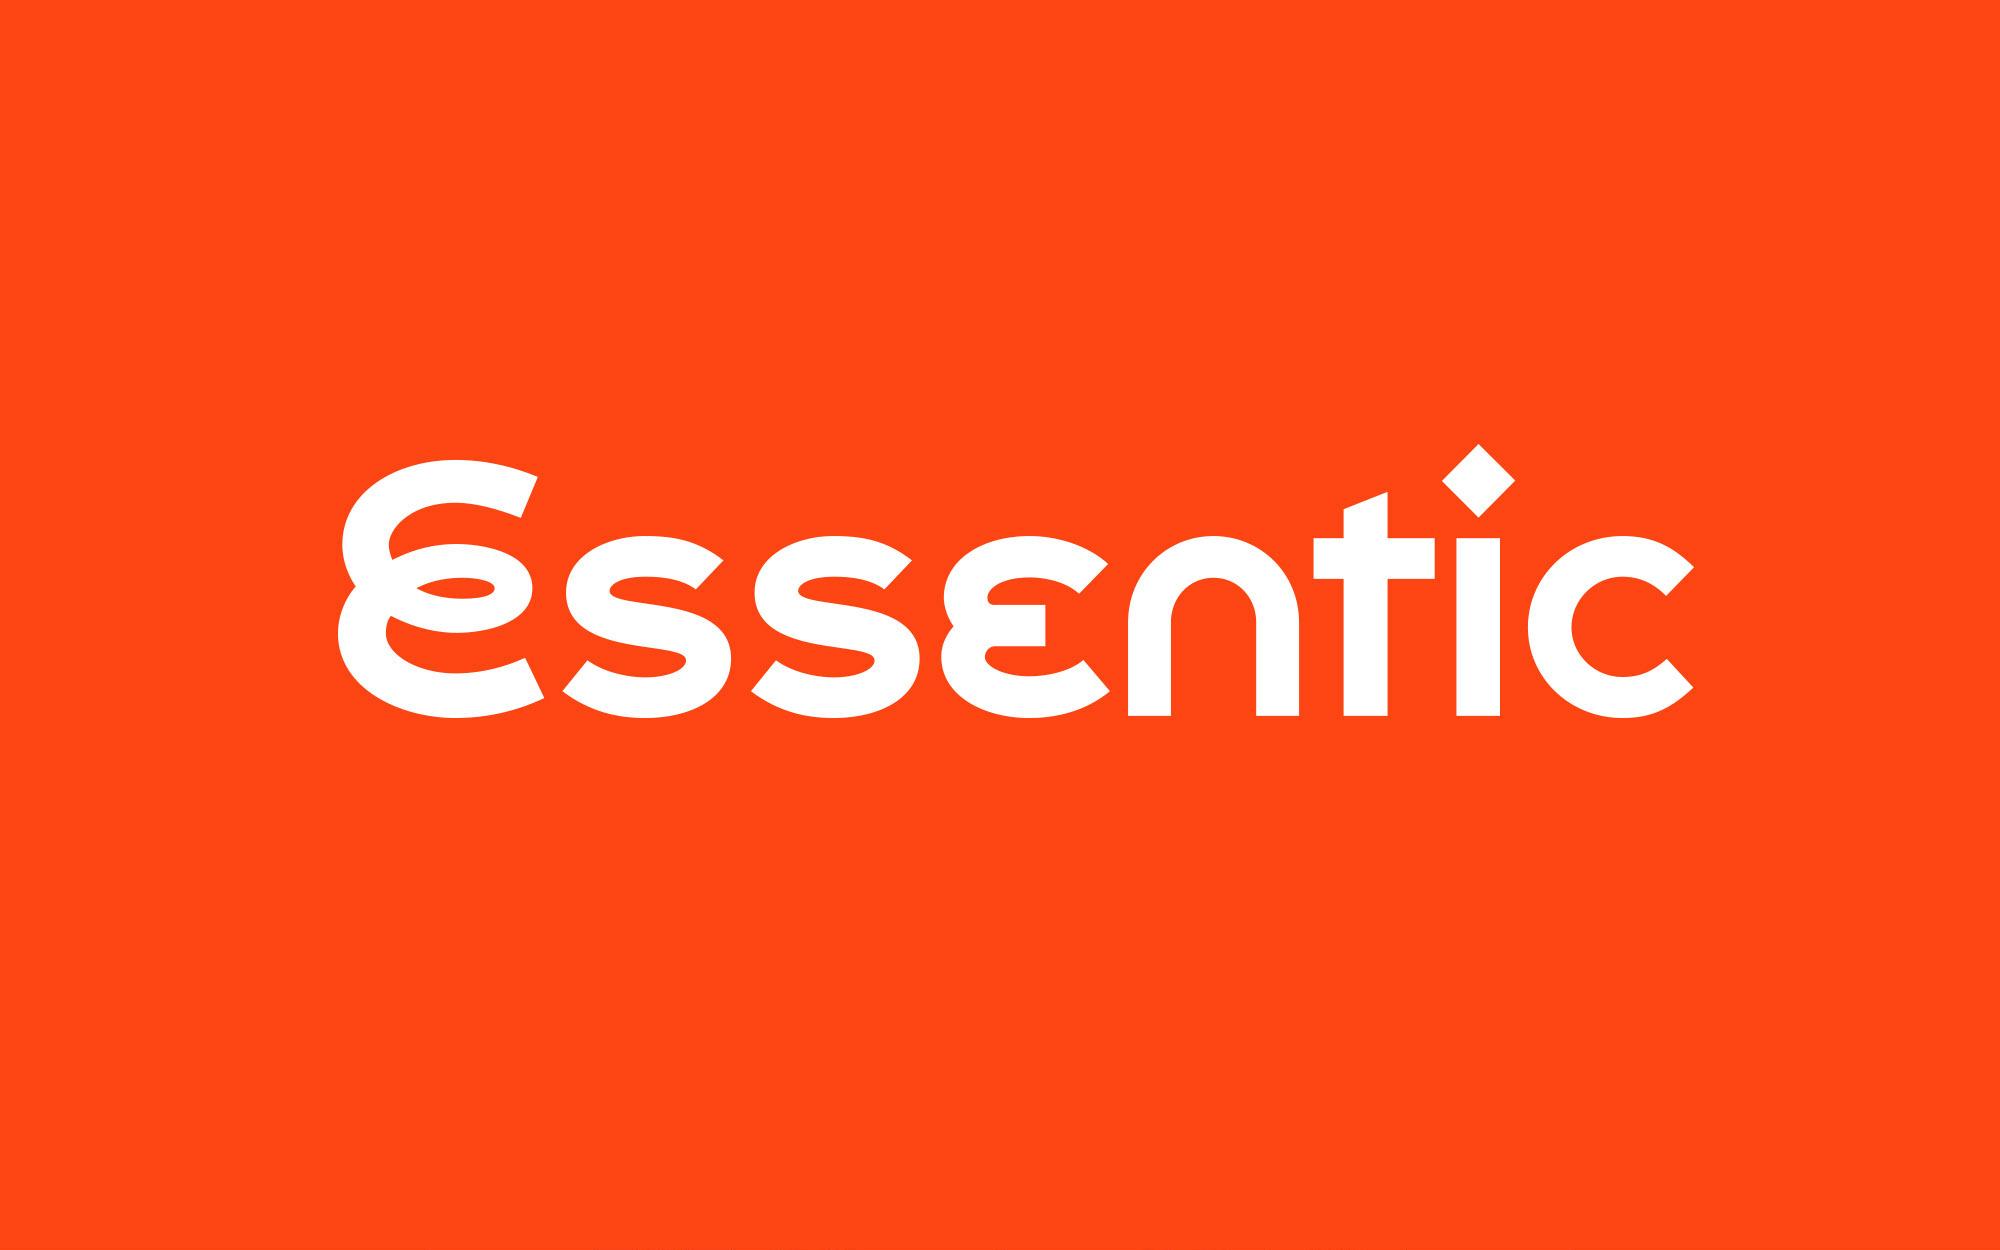 Essentic logo design